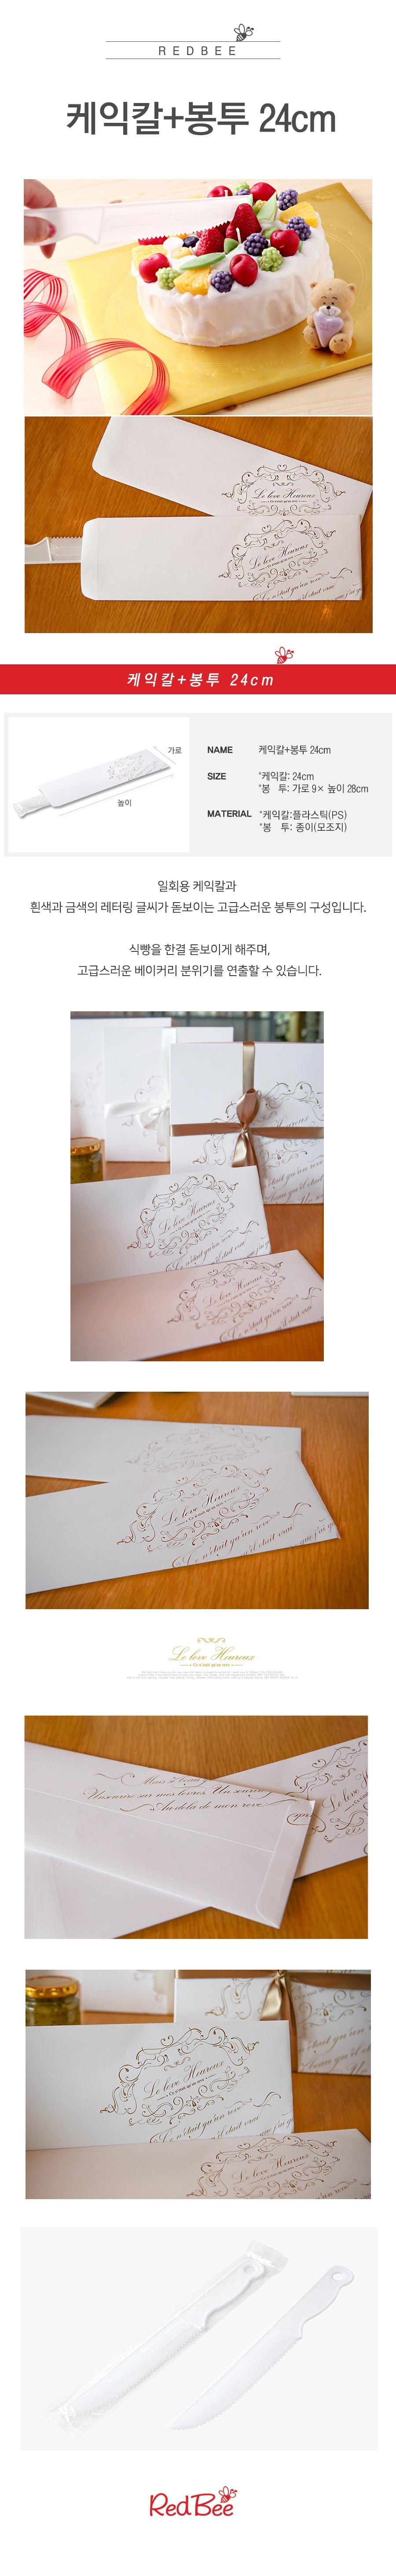 케익칼+봉투 24cm - 레드비, 1,000원, DIY재료, 포장용구